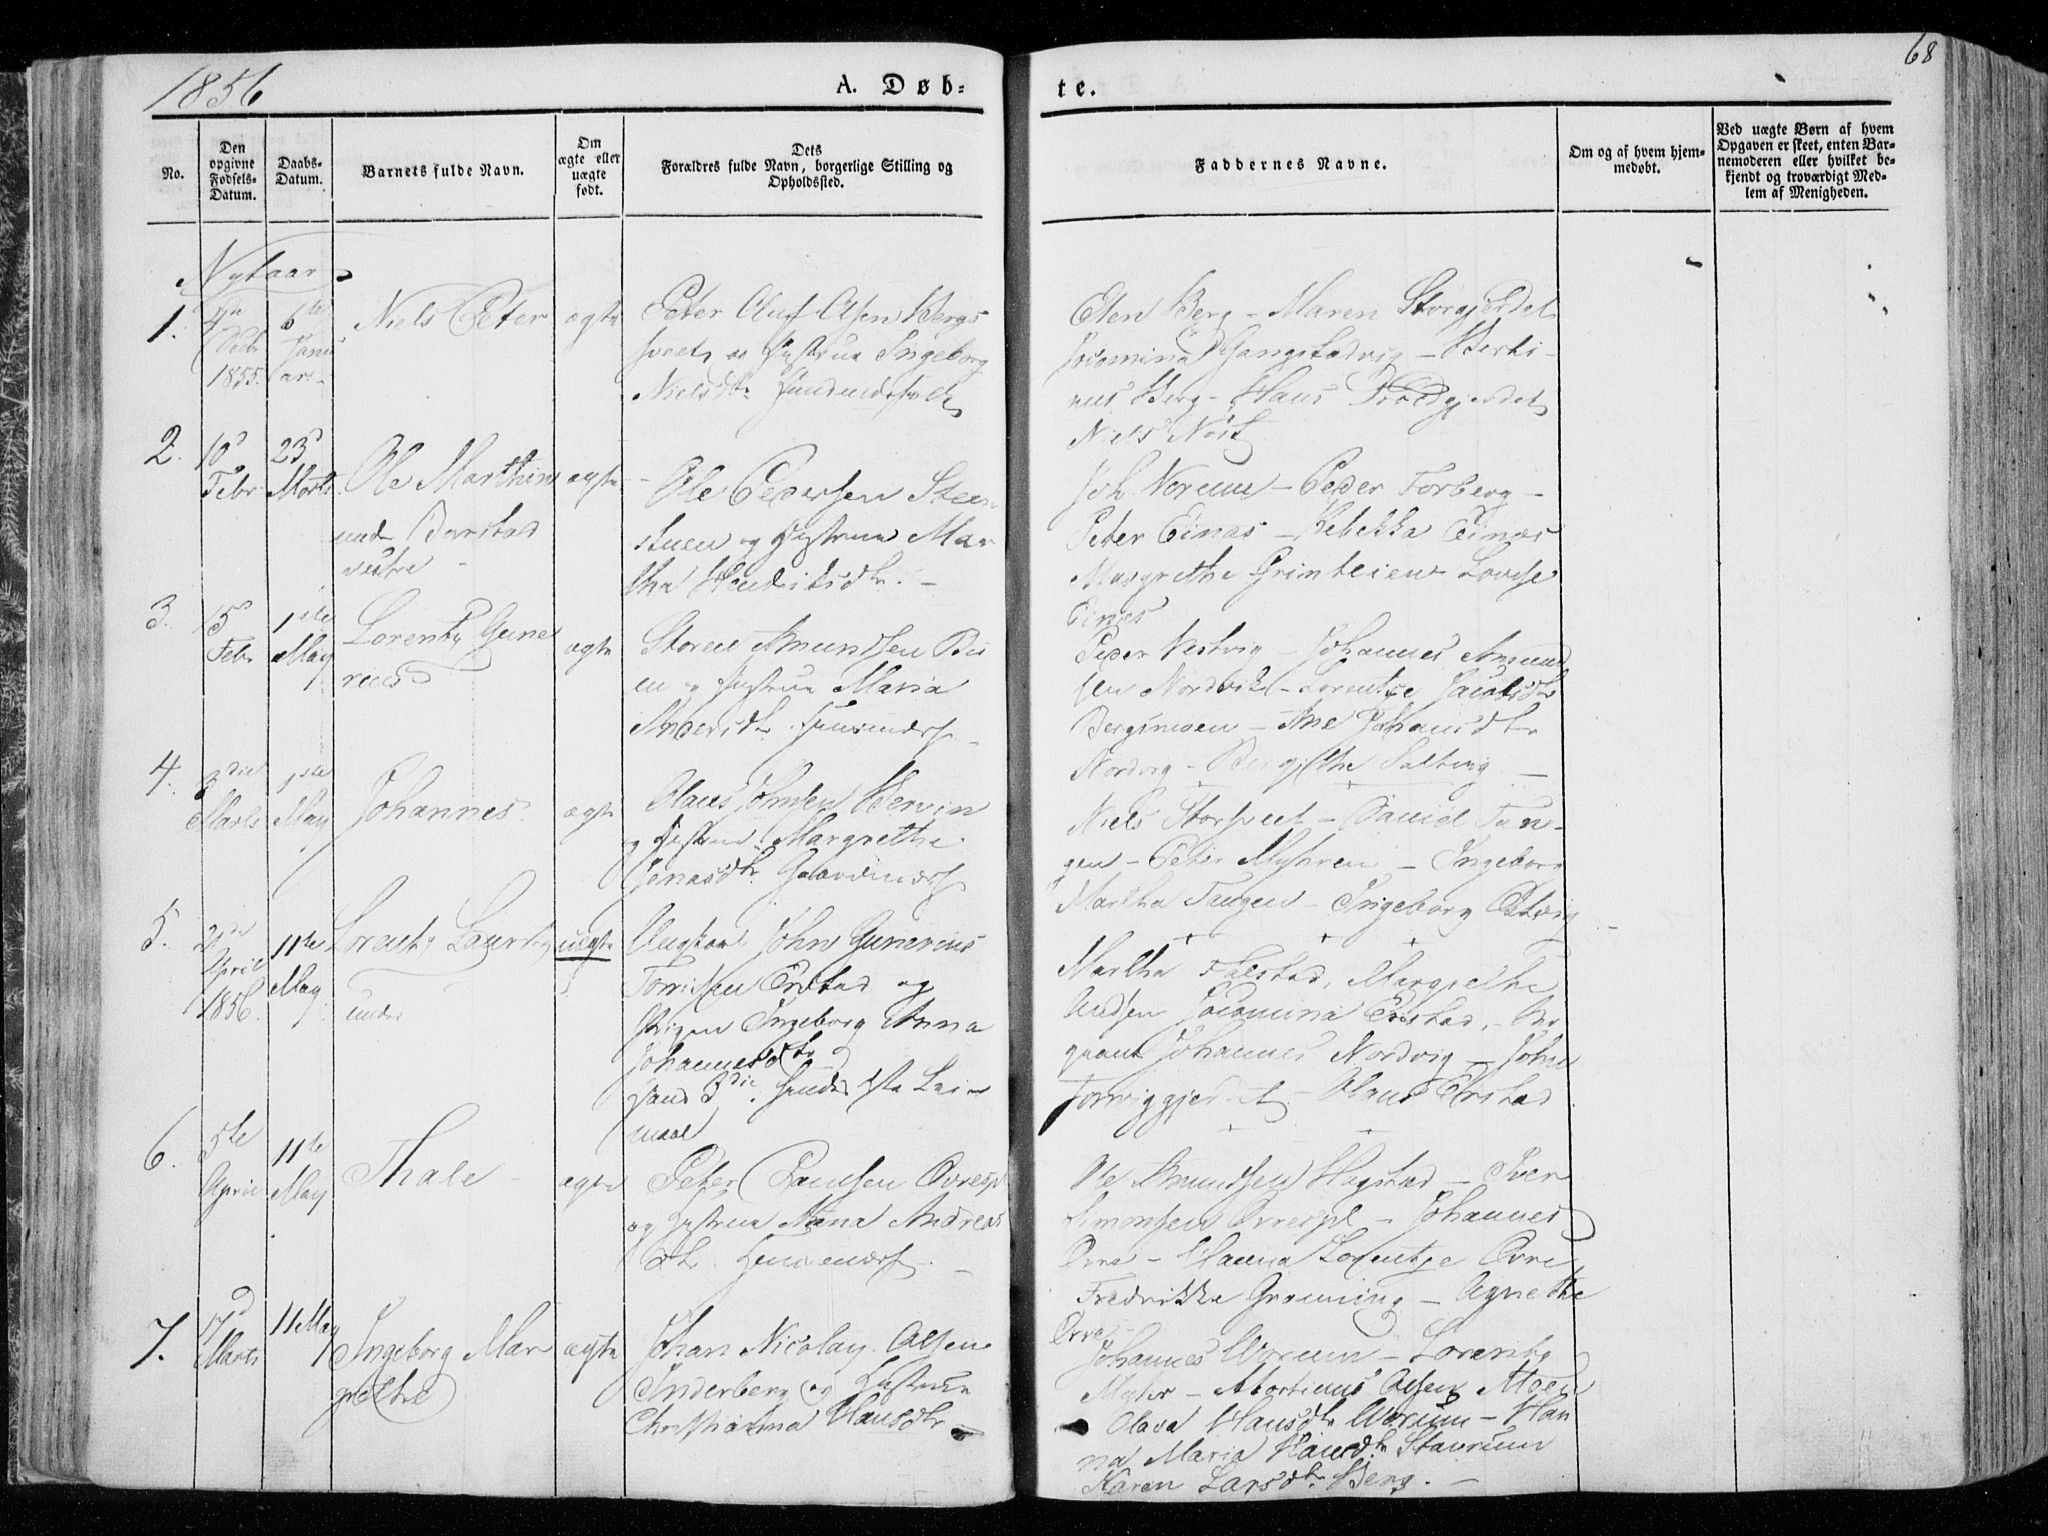 SAT, Ministerialprotokoller, klokkerbøker og fødselsregistre - Nord-Trøndelag, 722/L0218: Ministerialbok nr. 722A05, 1843-1868, s. 68